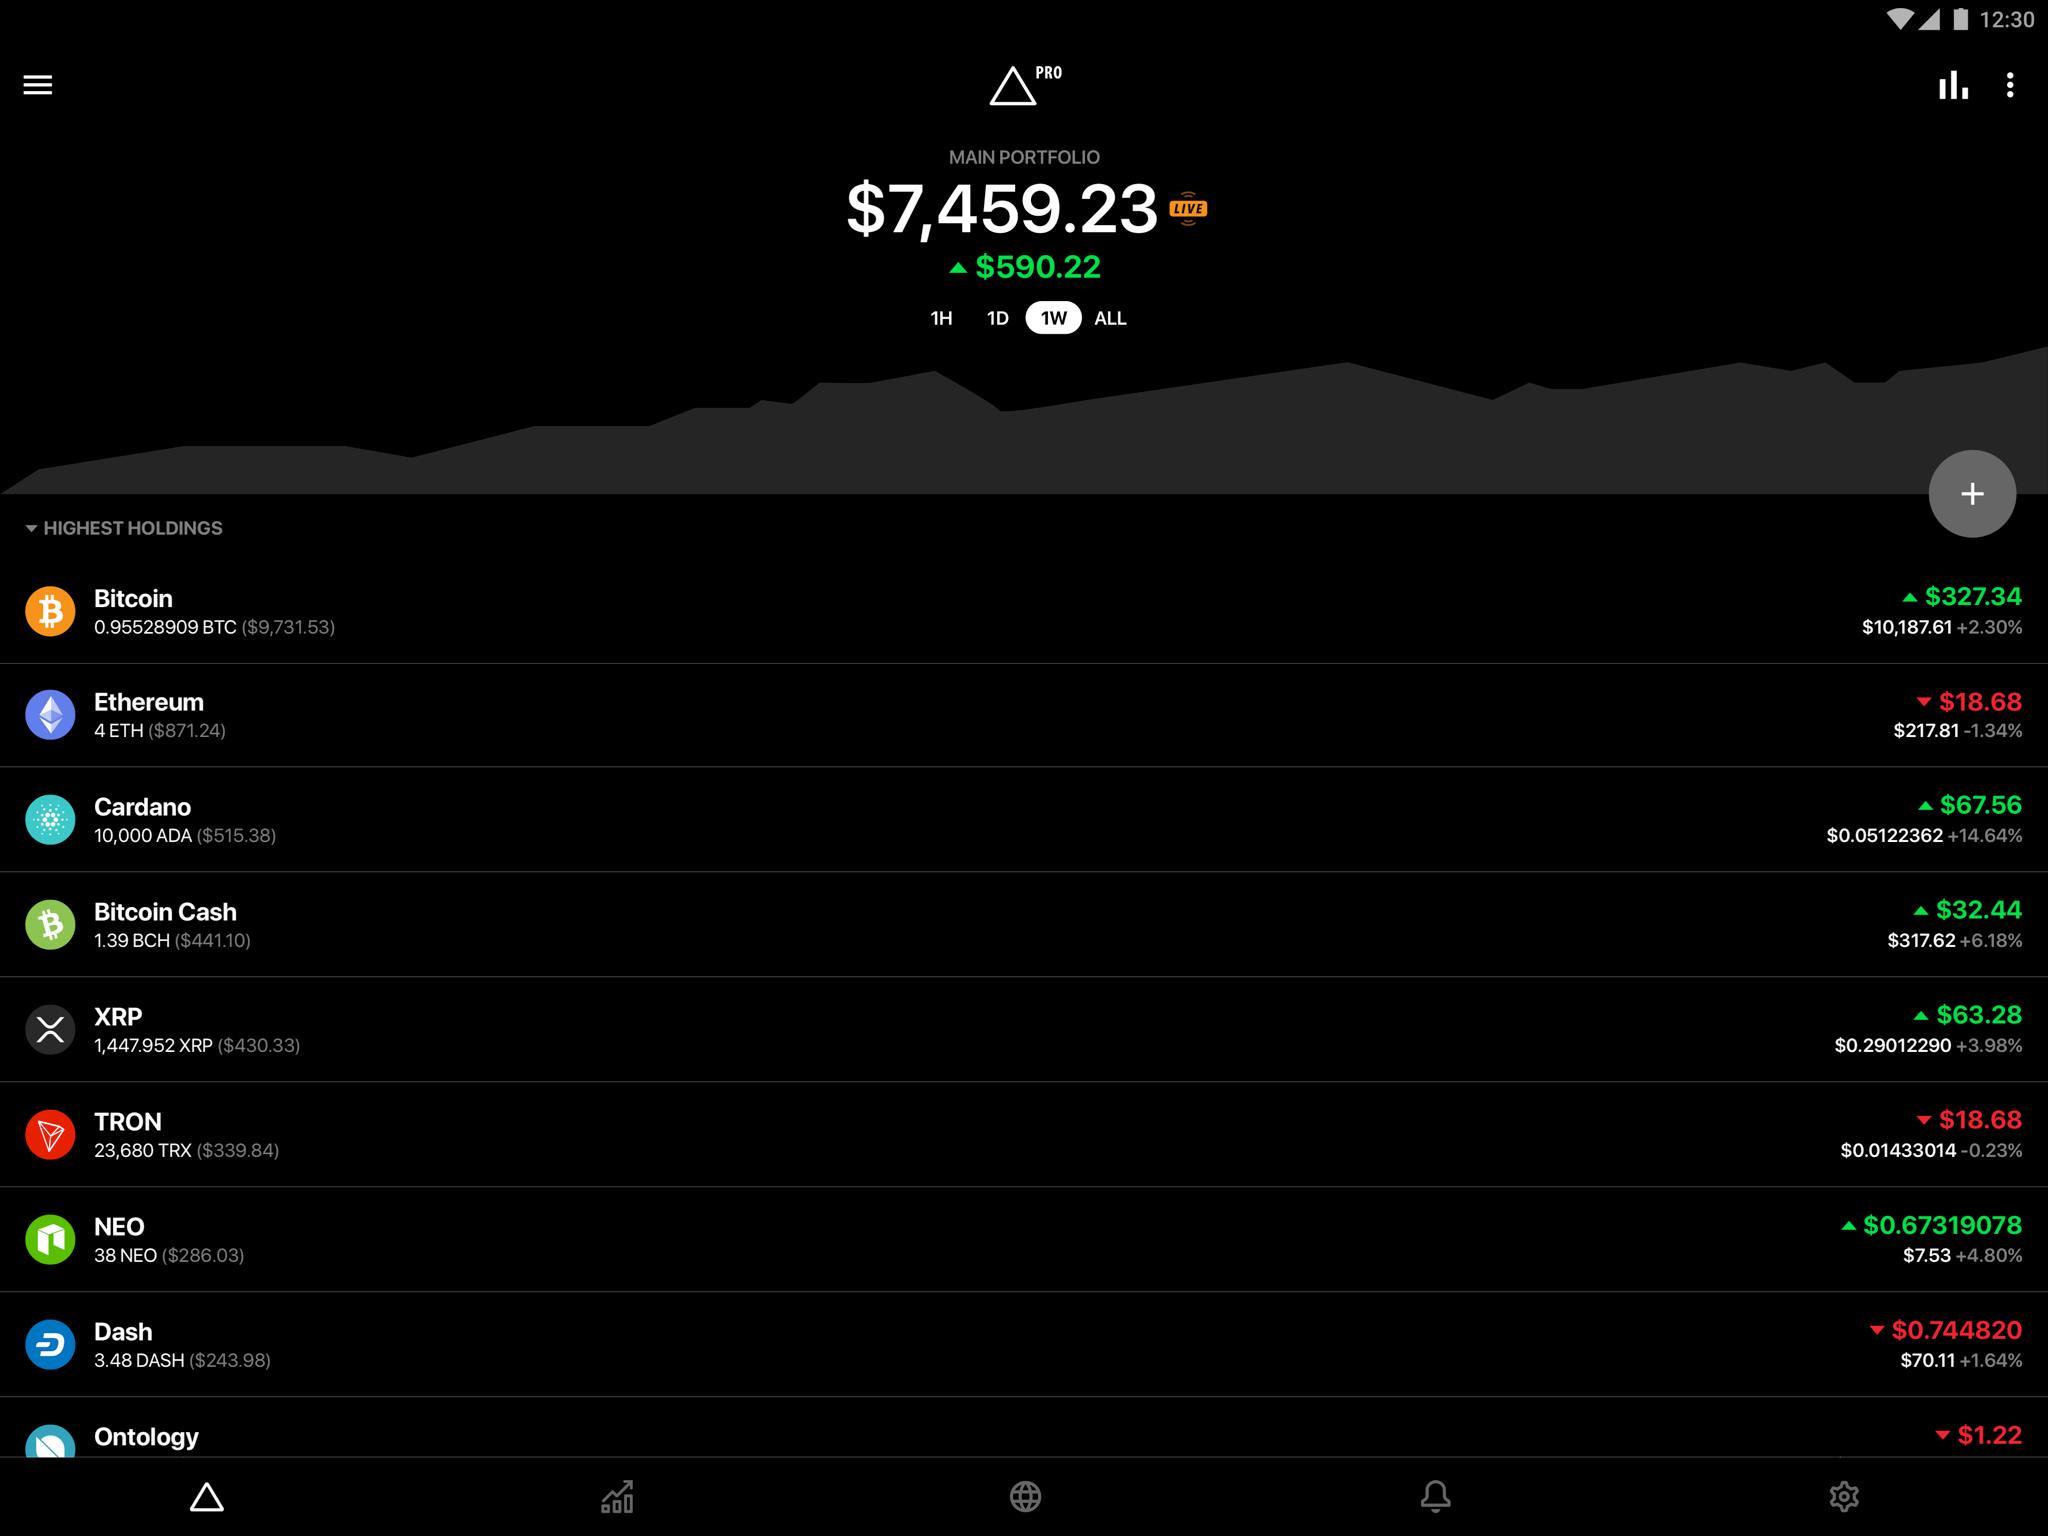 Delta Investment Portfolio Tracker 4.0.4 Screenshot 9